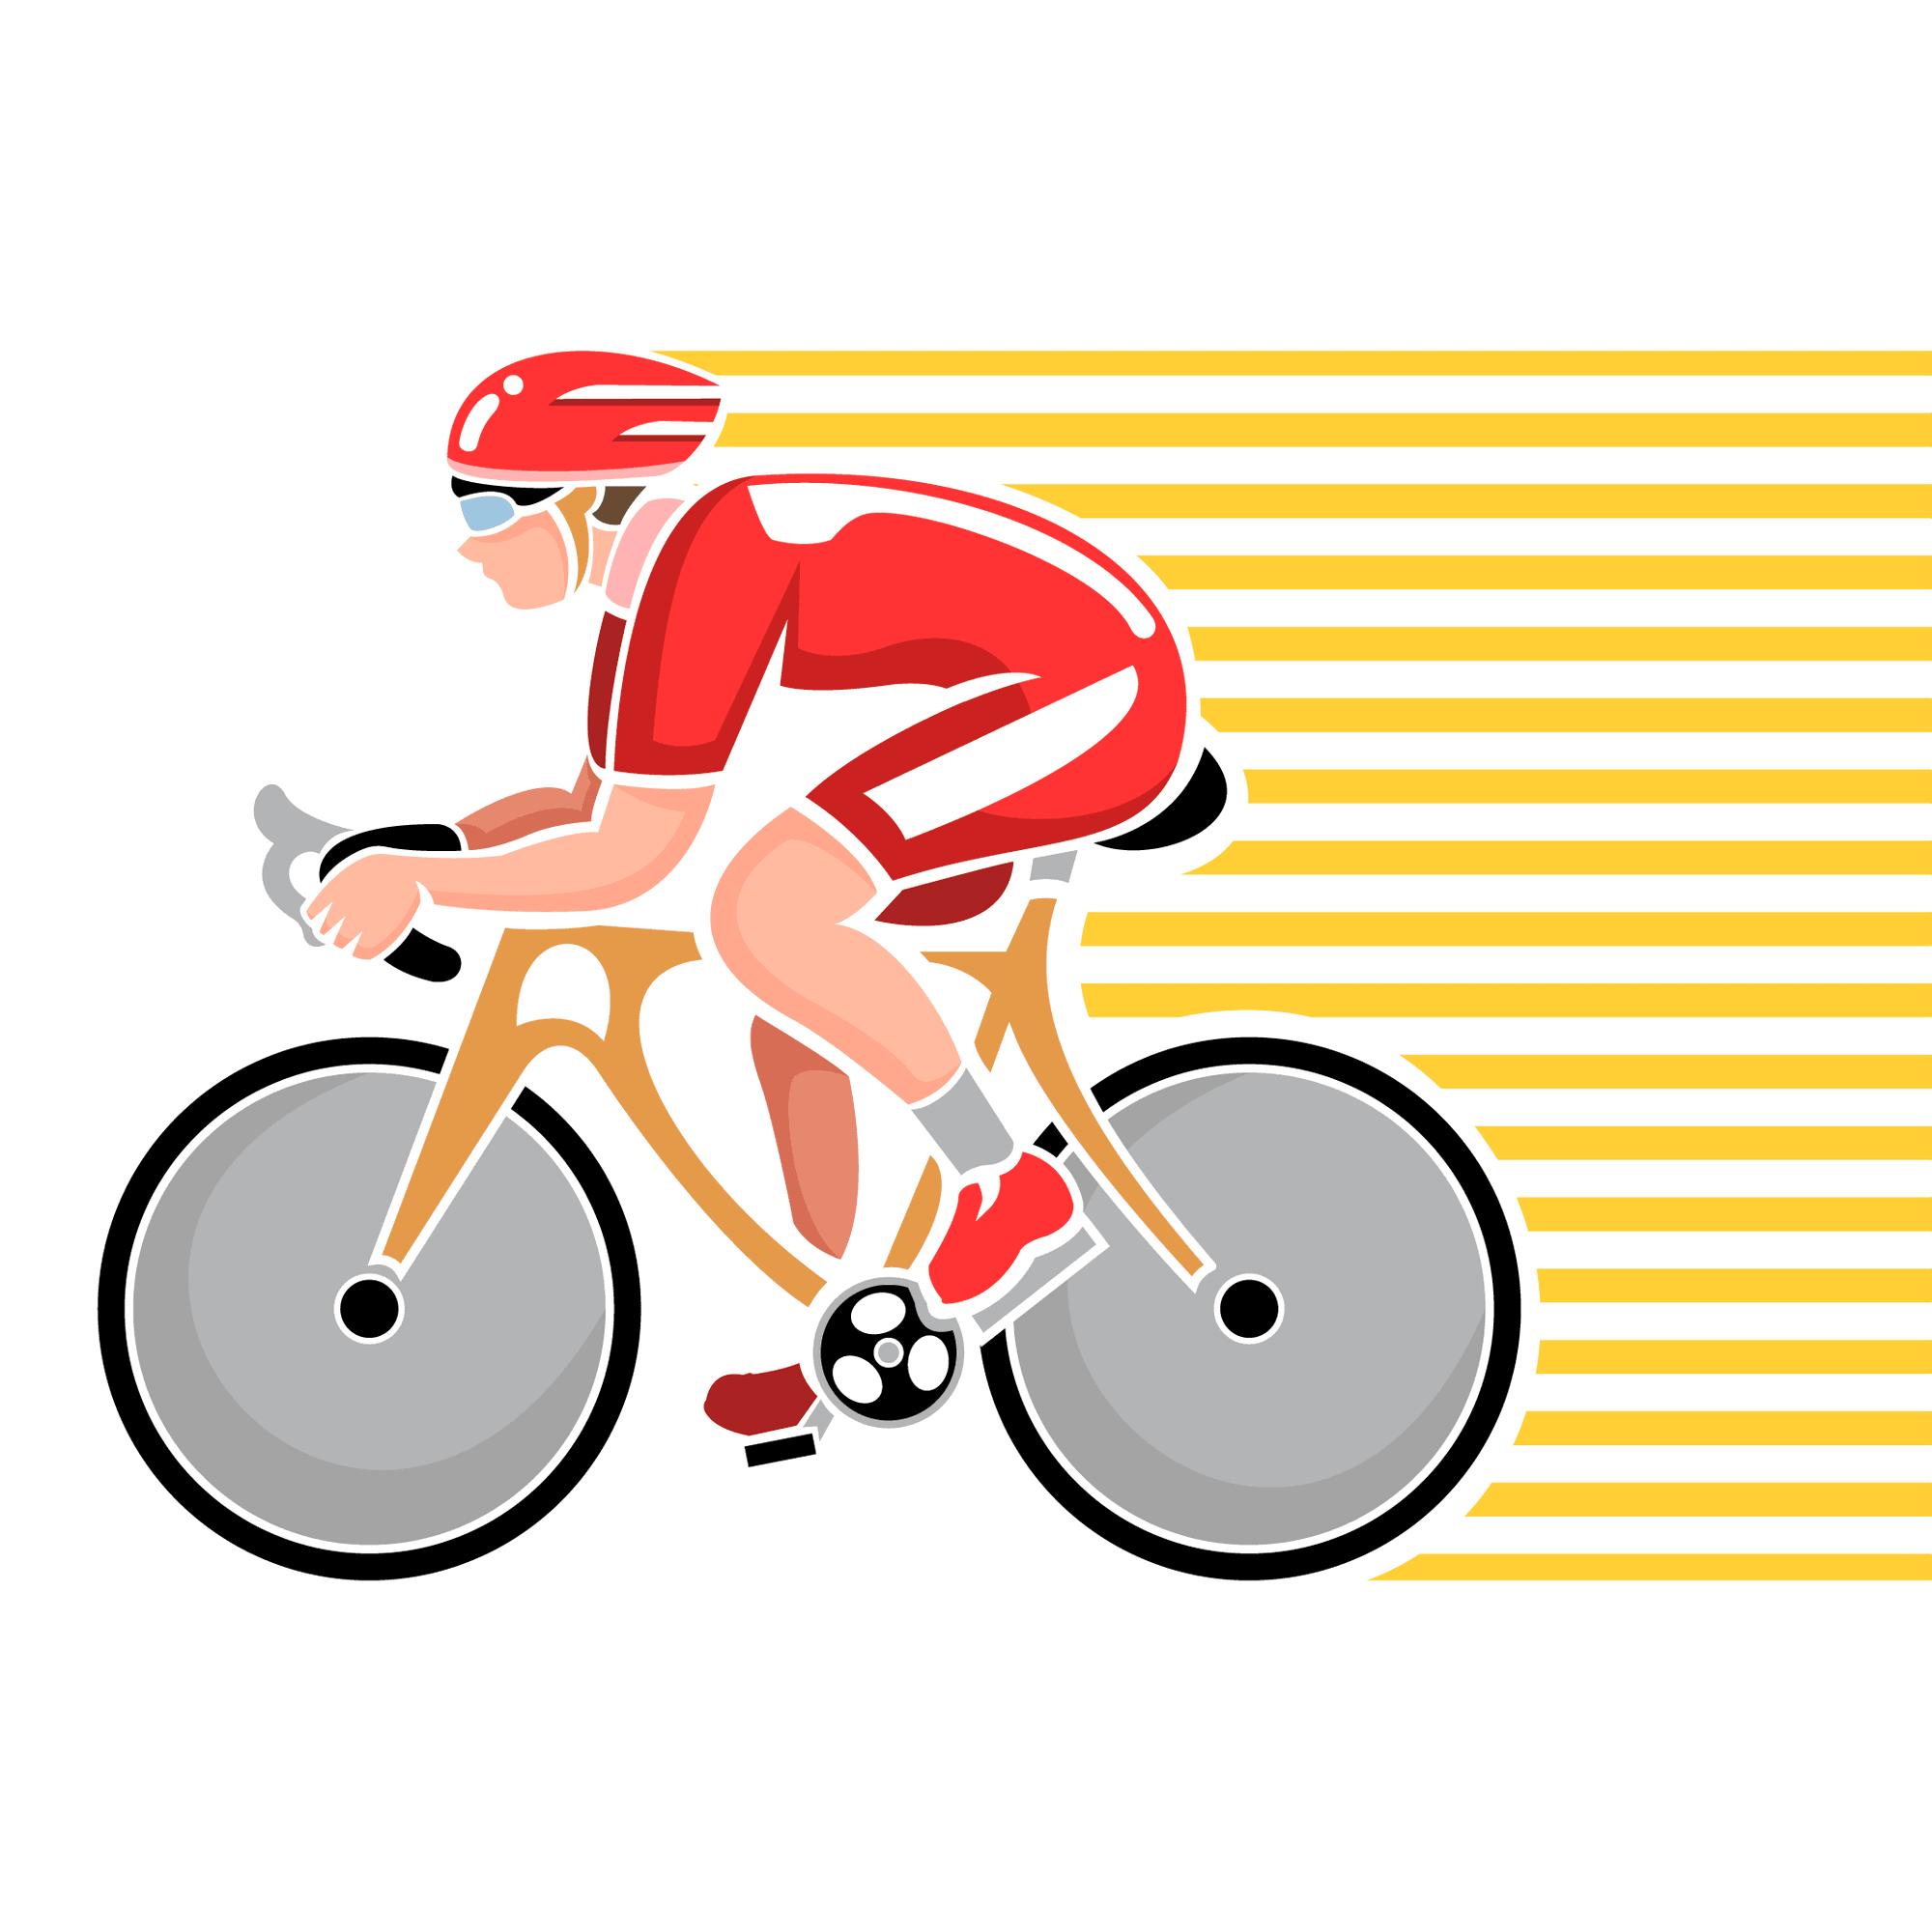 Un ciclista pedaleando dejando un rastro detrás de el